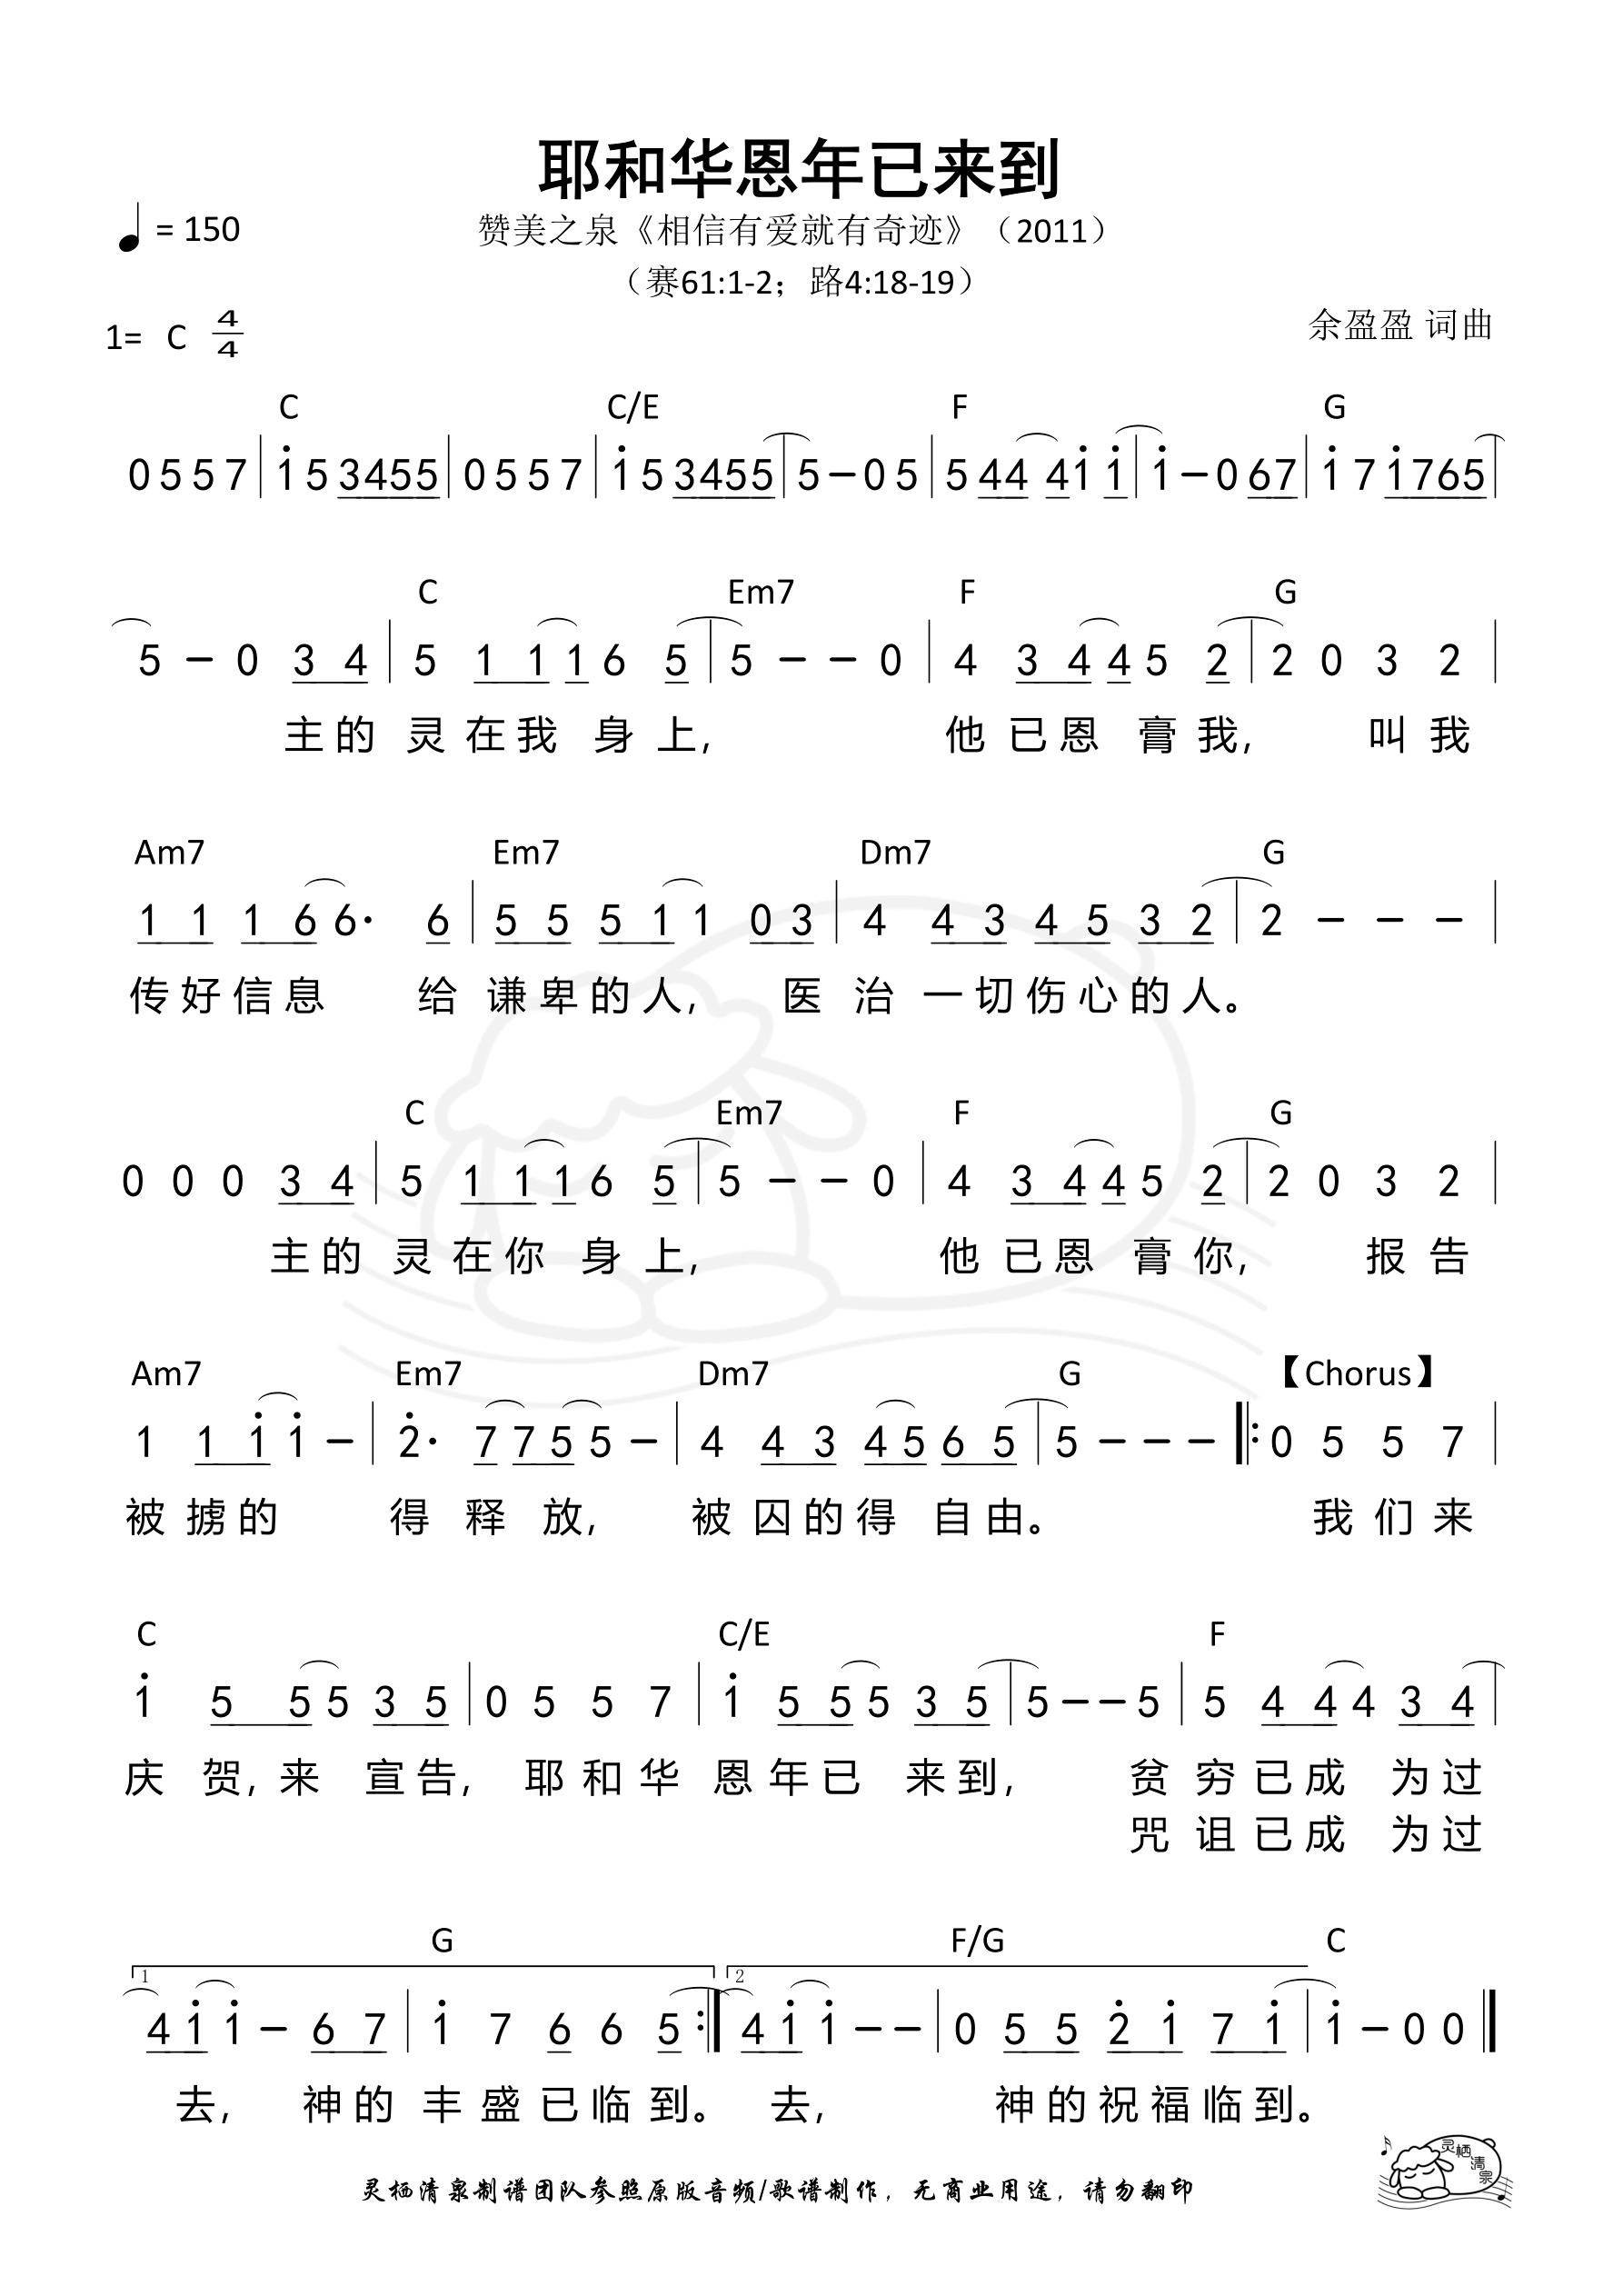 《第273首 - 耶和华恩年已来到 和弦简谱》